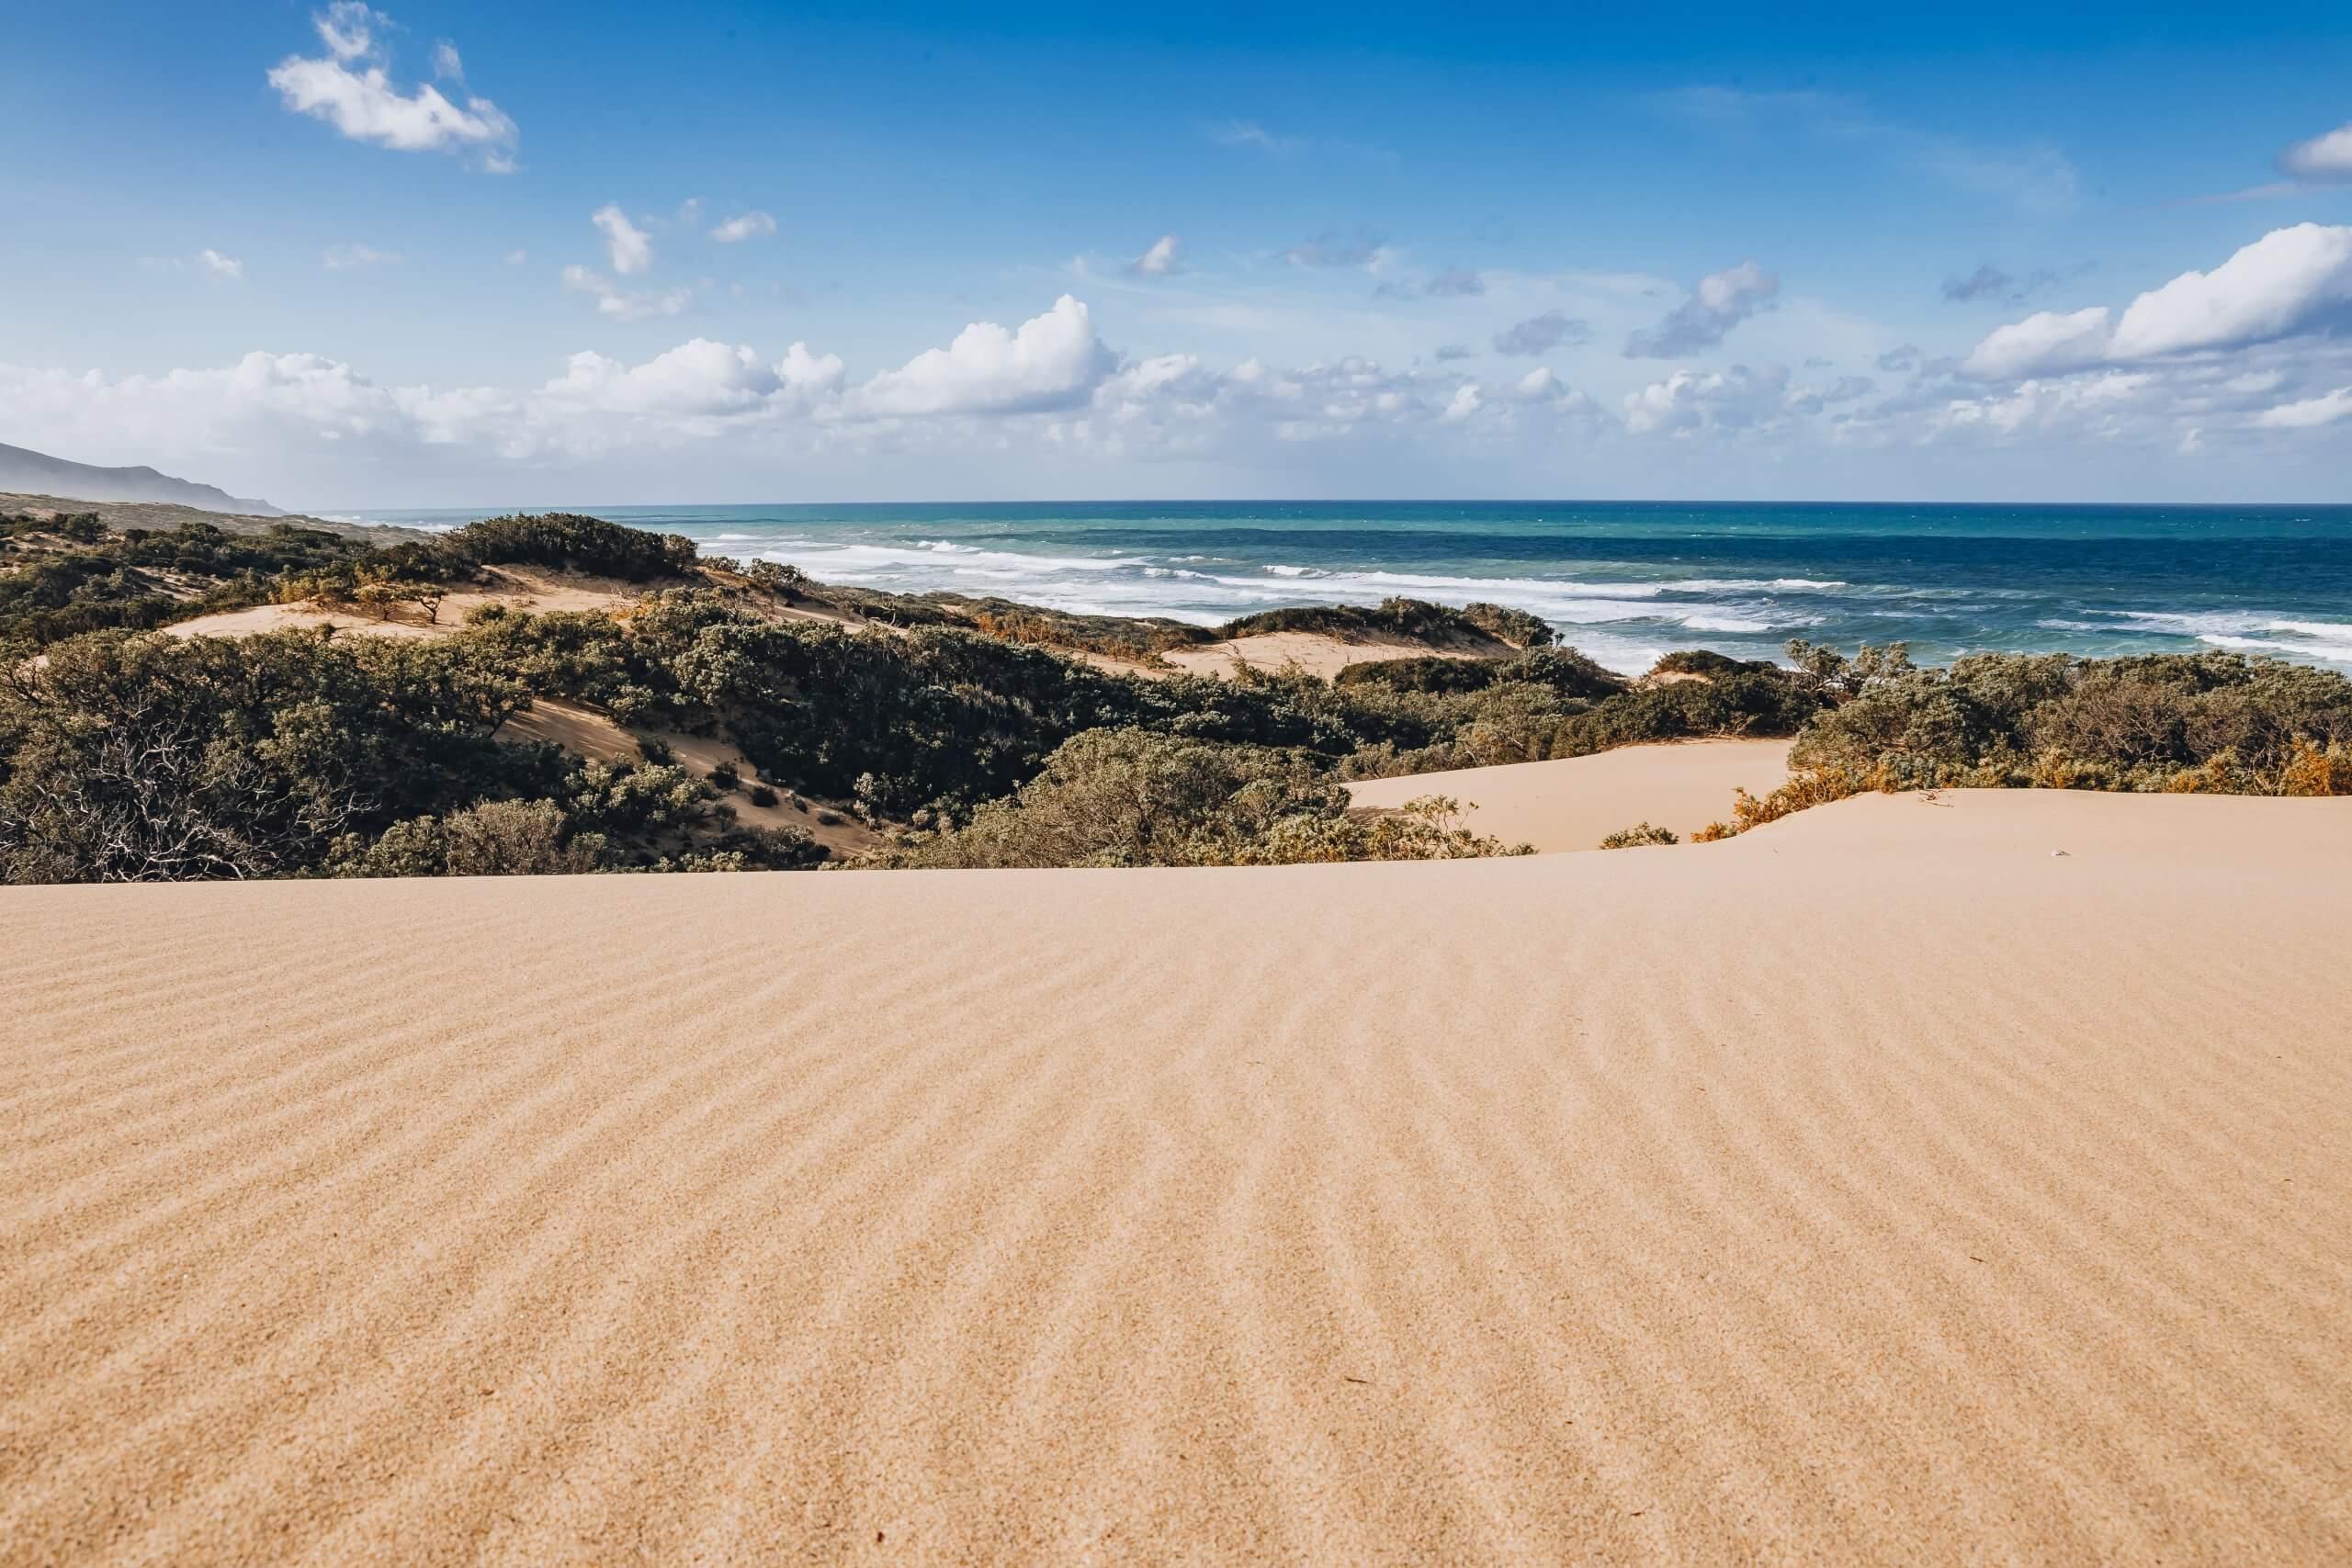 die wunderschöne Spiaggia Piscinas an der Costa Verde